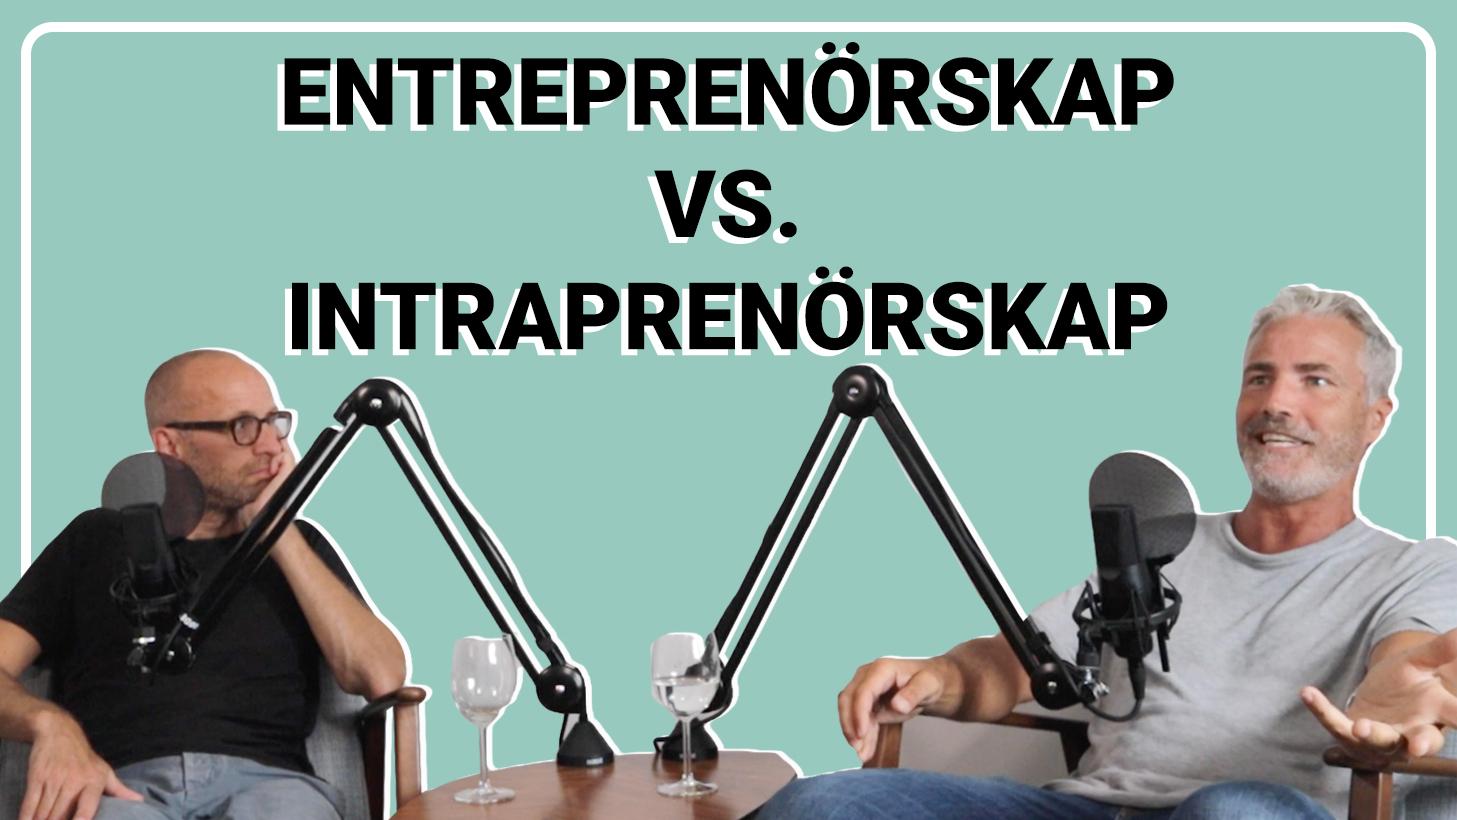 Vägen till entreprenörskap - Mattias Tengblad & Emil Angervall, Corite